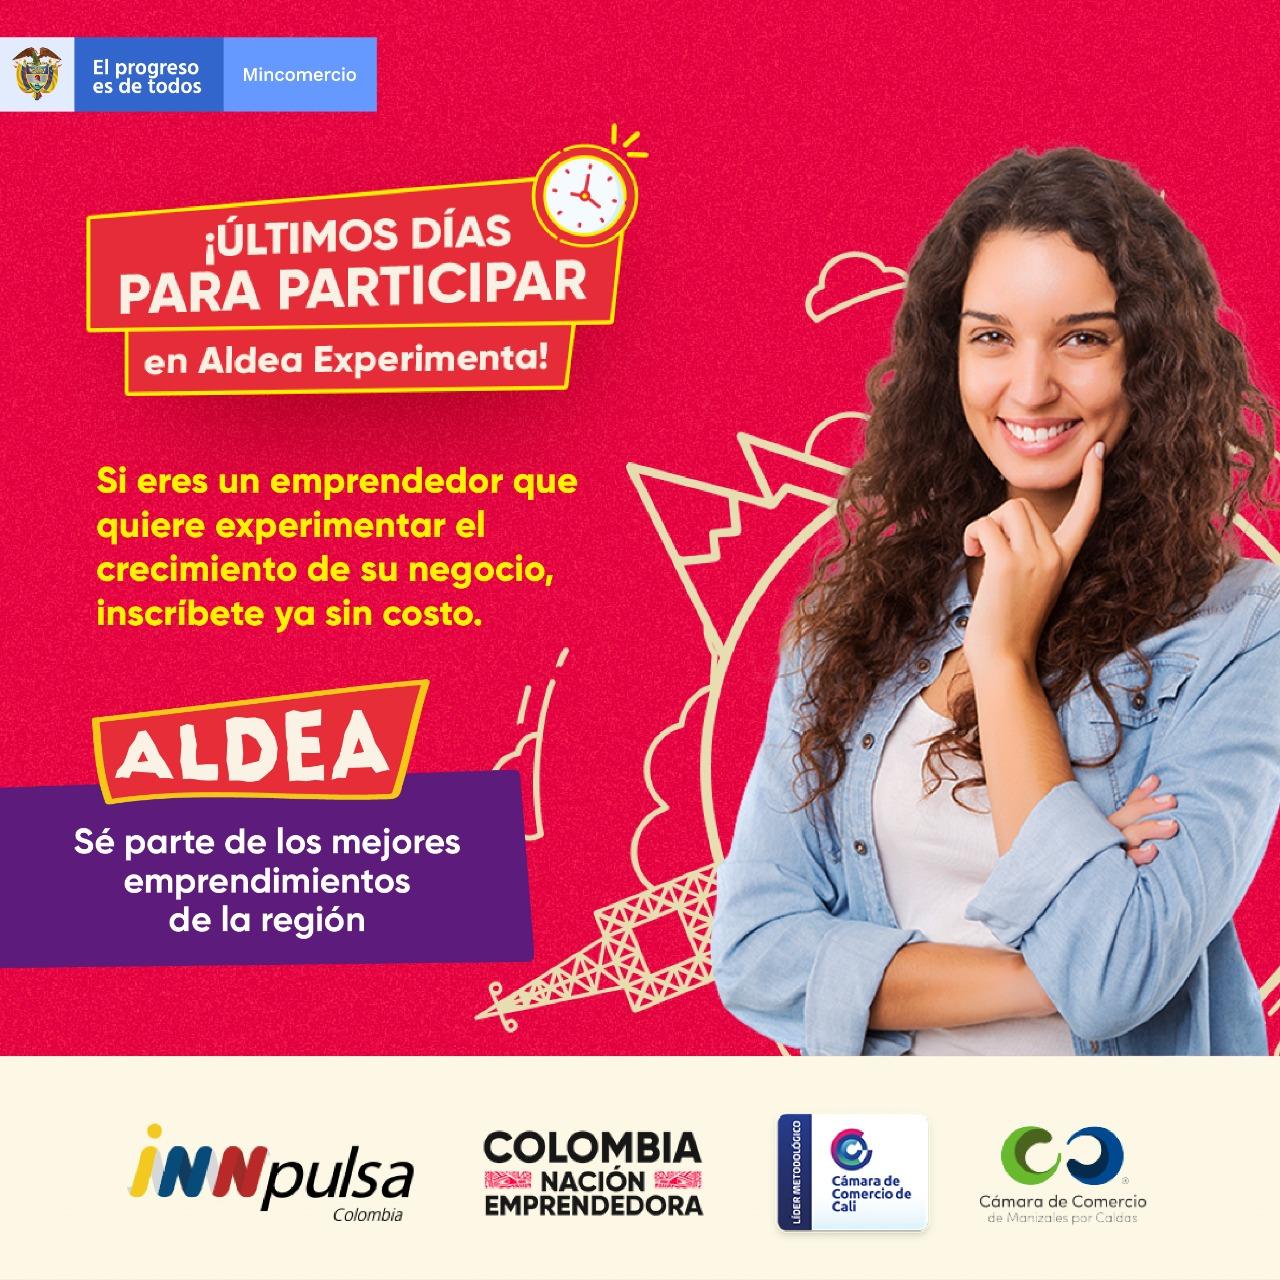 convocatoria del programa ALDEA de iNNpulsa Colombia, la cual estará abierta hasta el 10 de octubre.